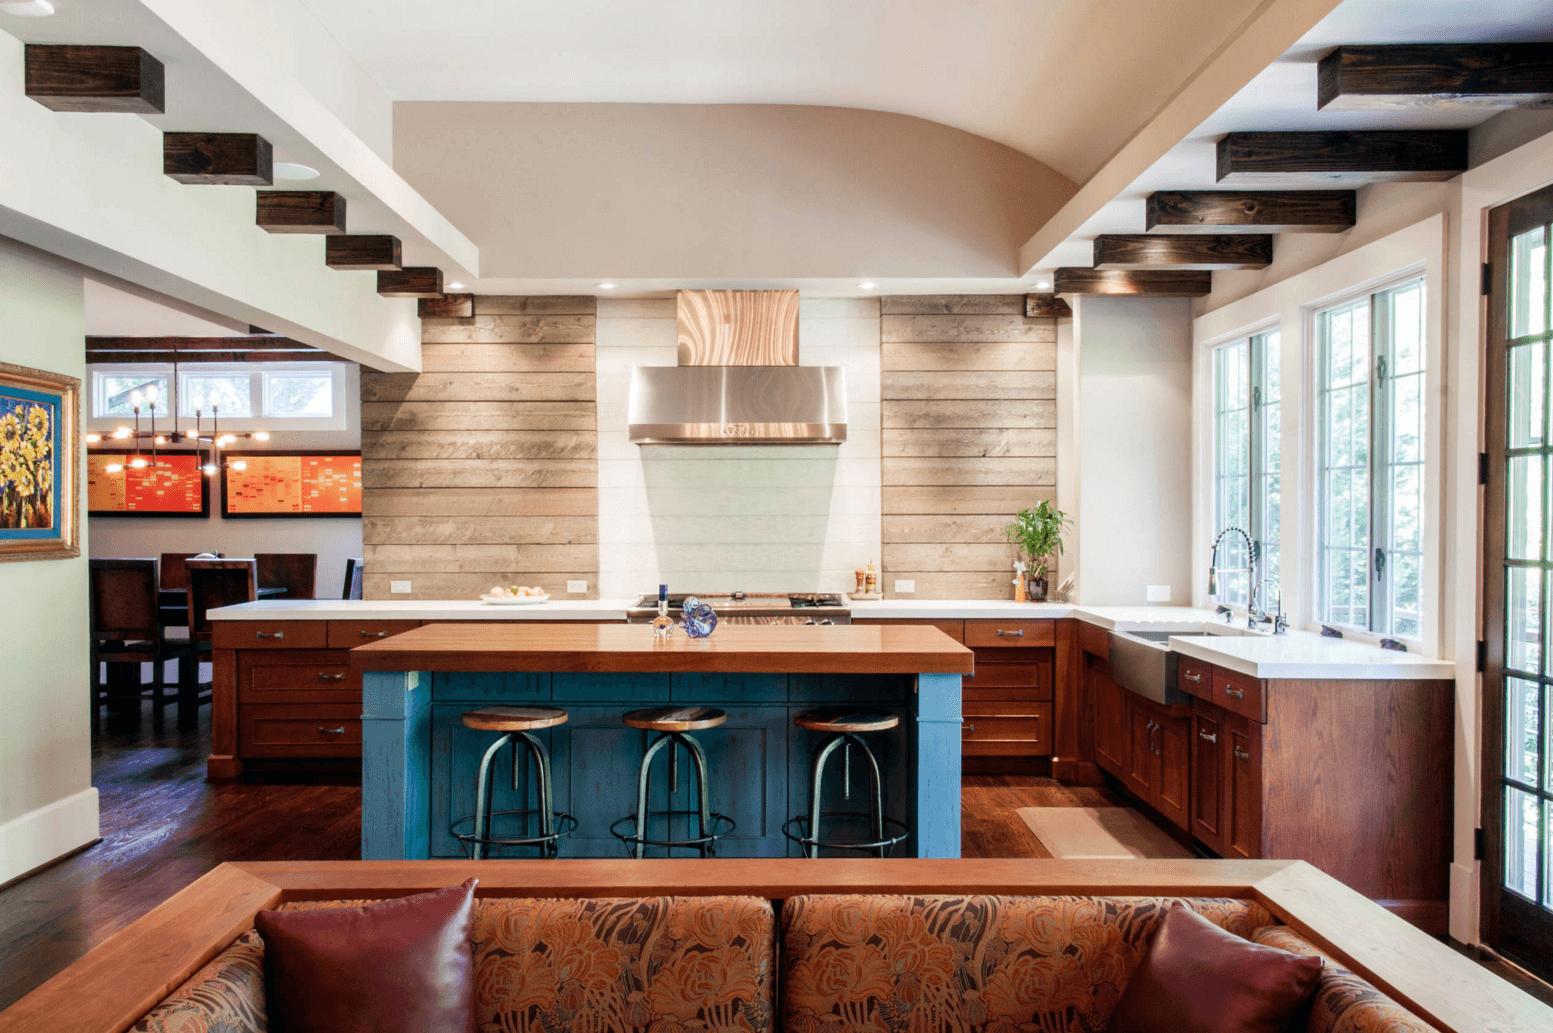 Идея дизайна фартука на кухню. Жаростойкая краска и оберегает дерево, и создает цветовой акцент